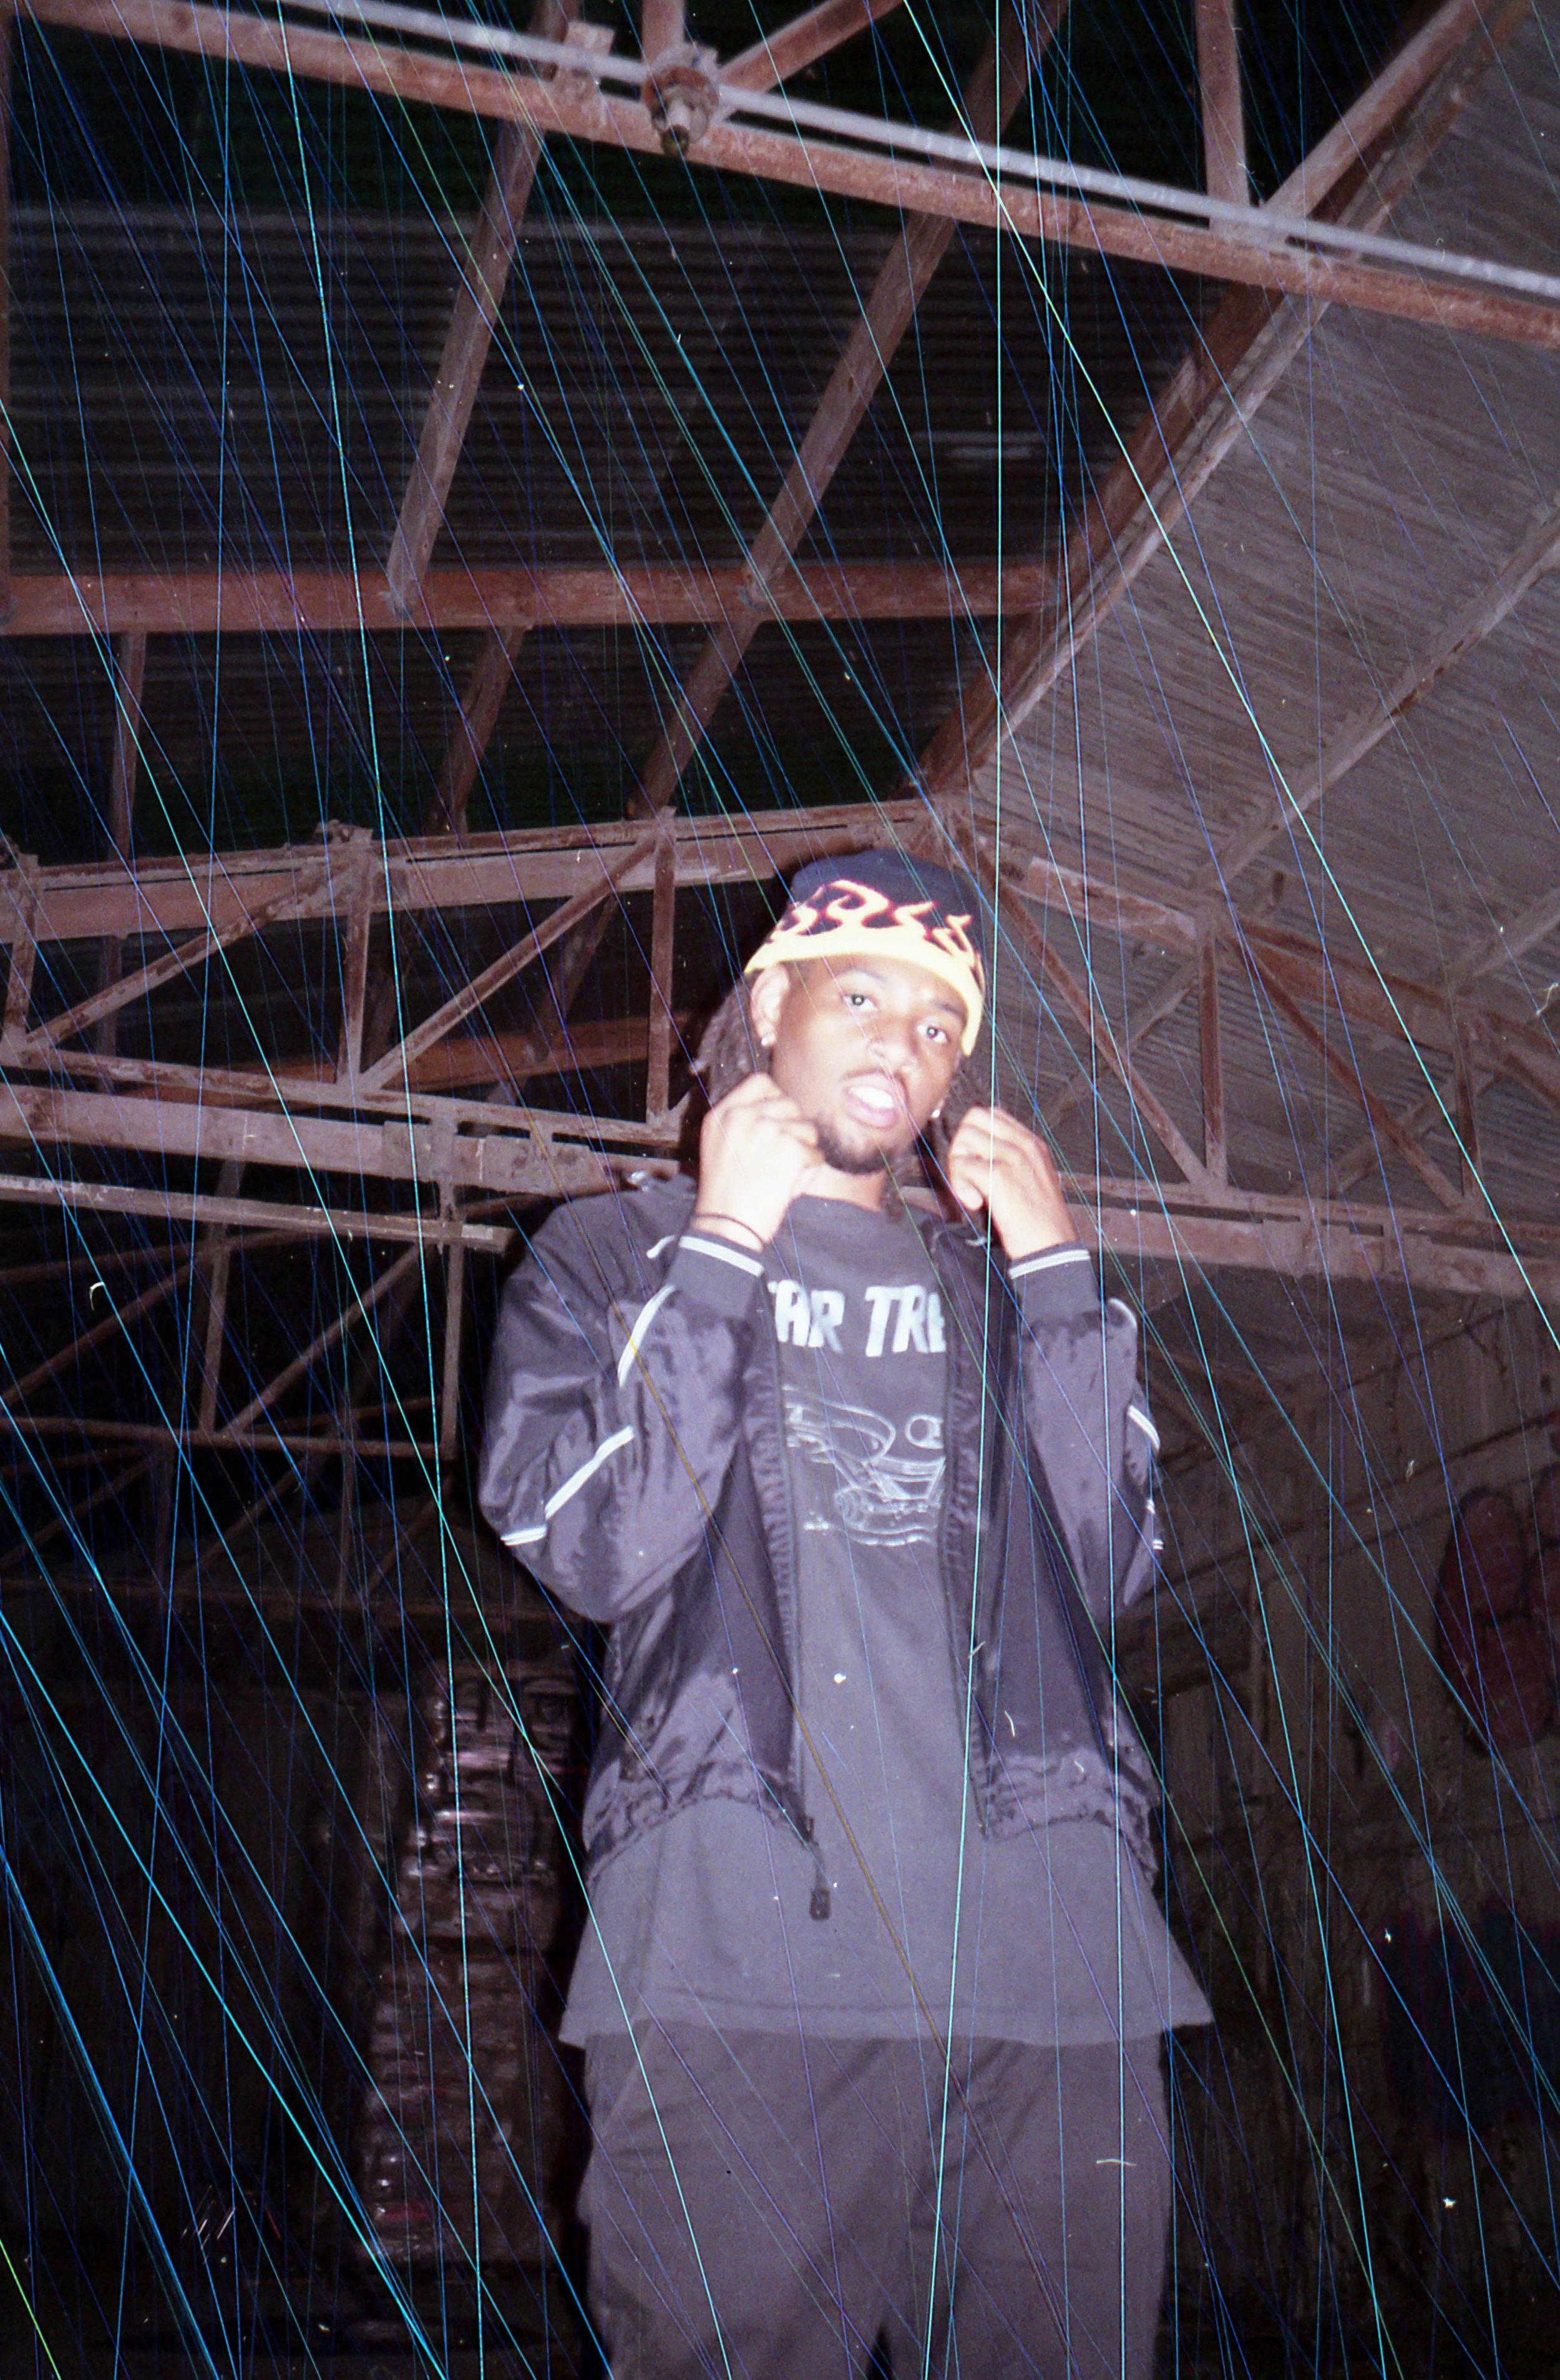 DC4PREZ - Rapper